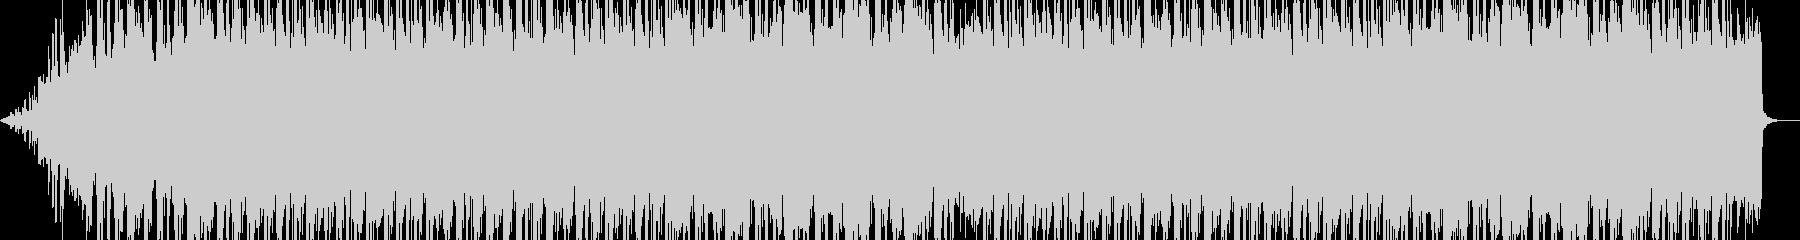 クラシック系ビートの未再生の波形